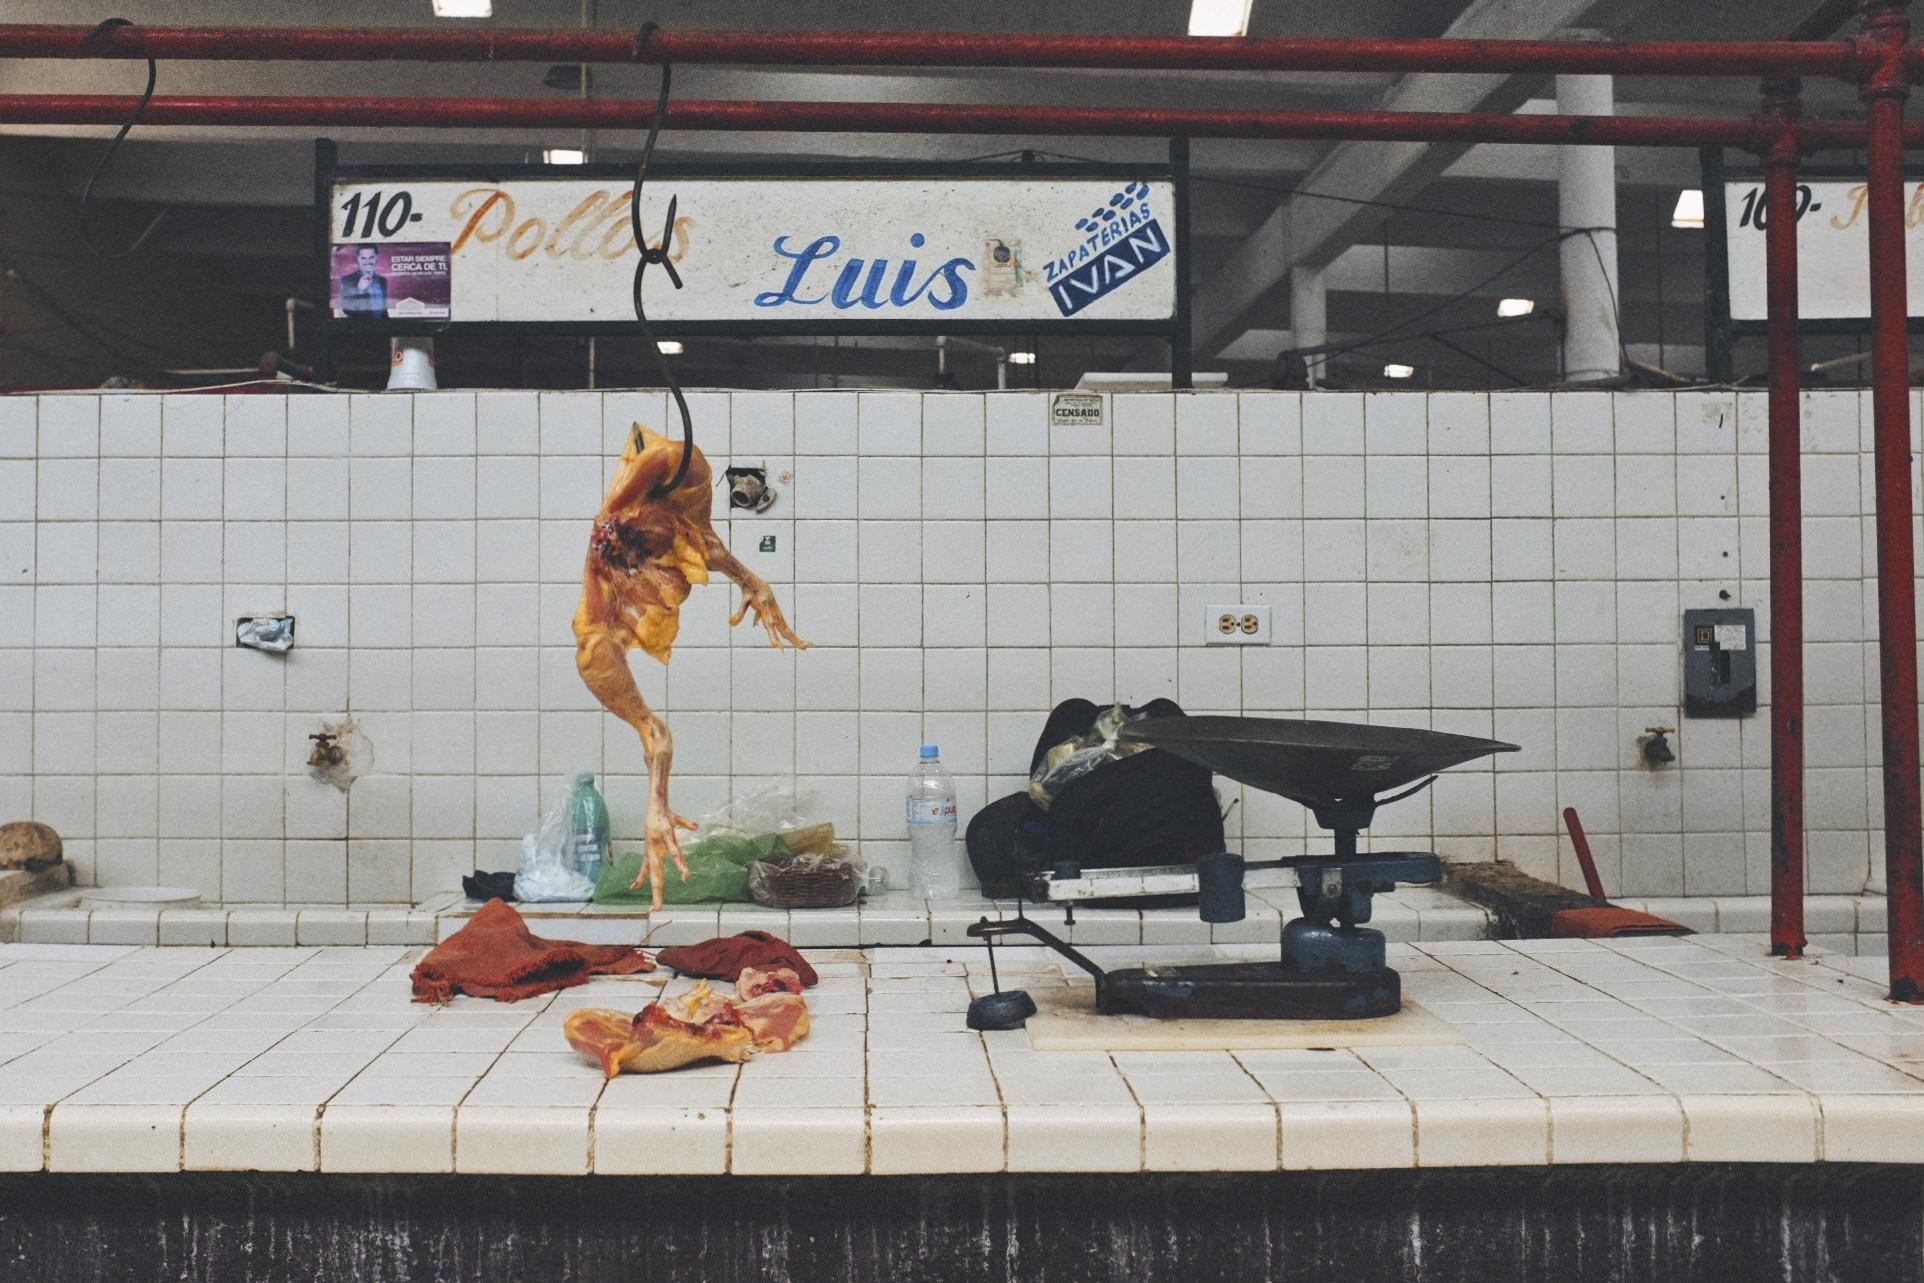 Pollos Luis, Valladolid Mercado Municipal